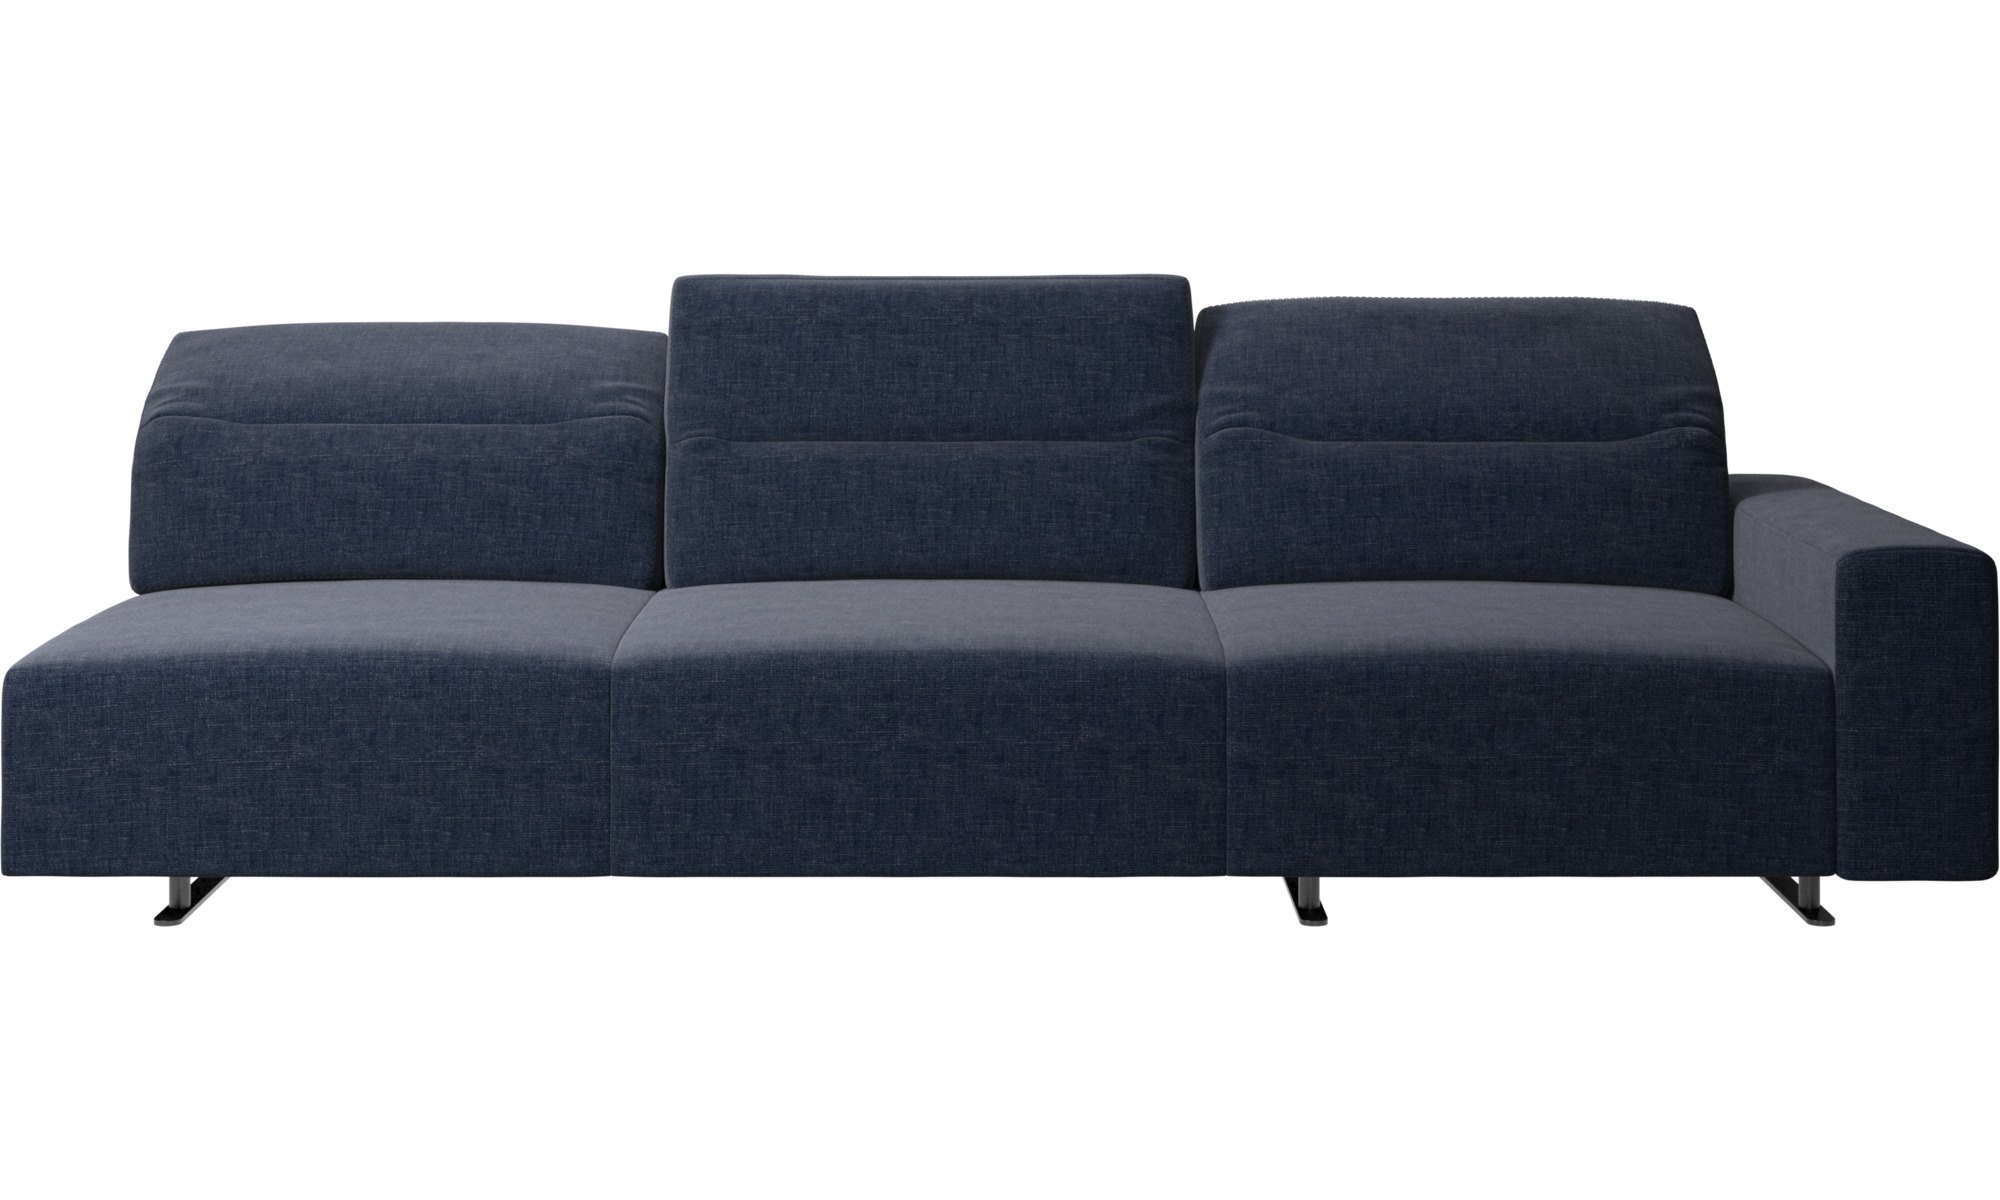 Canapés 3 places - Canapé d'angle Hampton avec dossier ajustable et espace de rangement côté droit - Bleu - Tissu